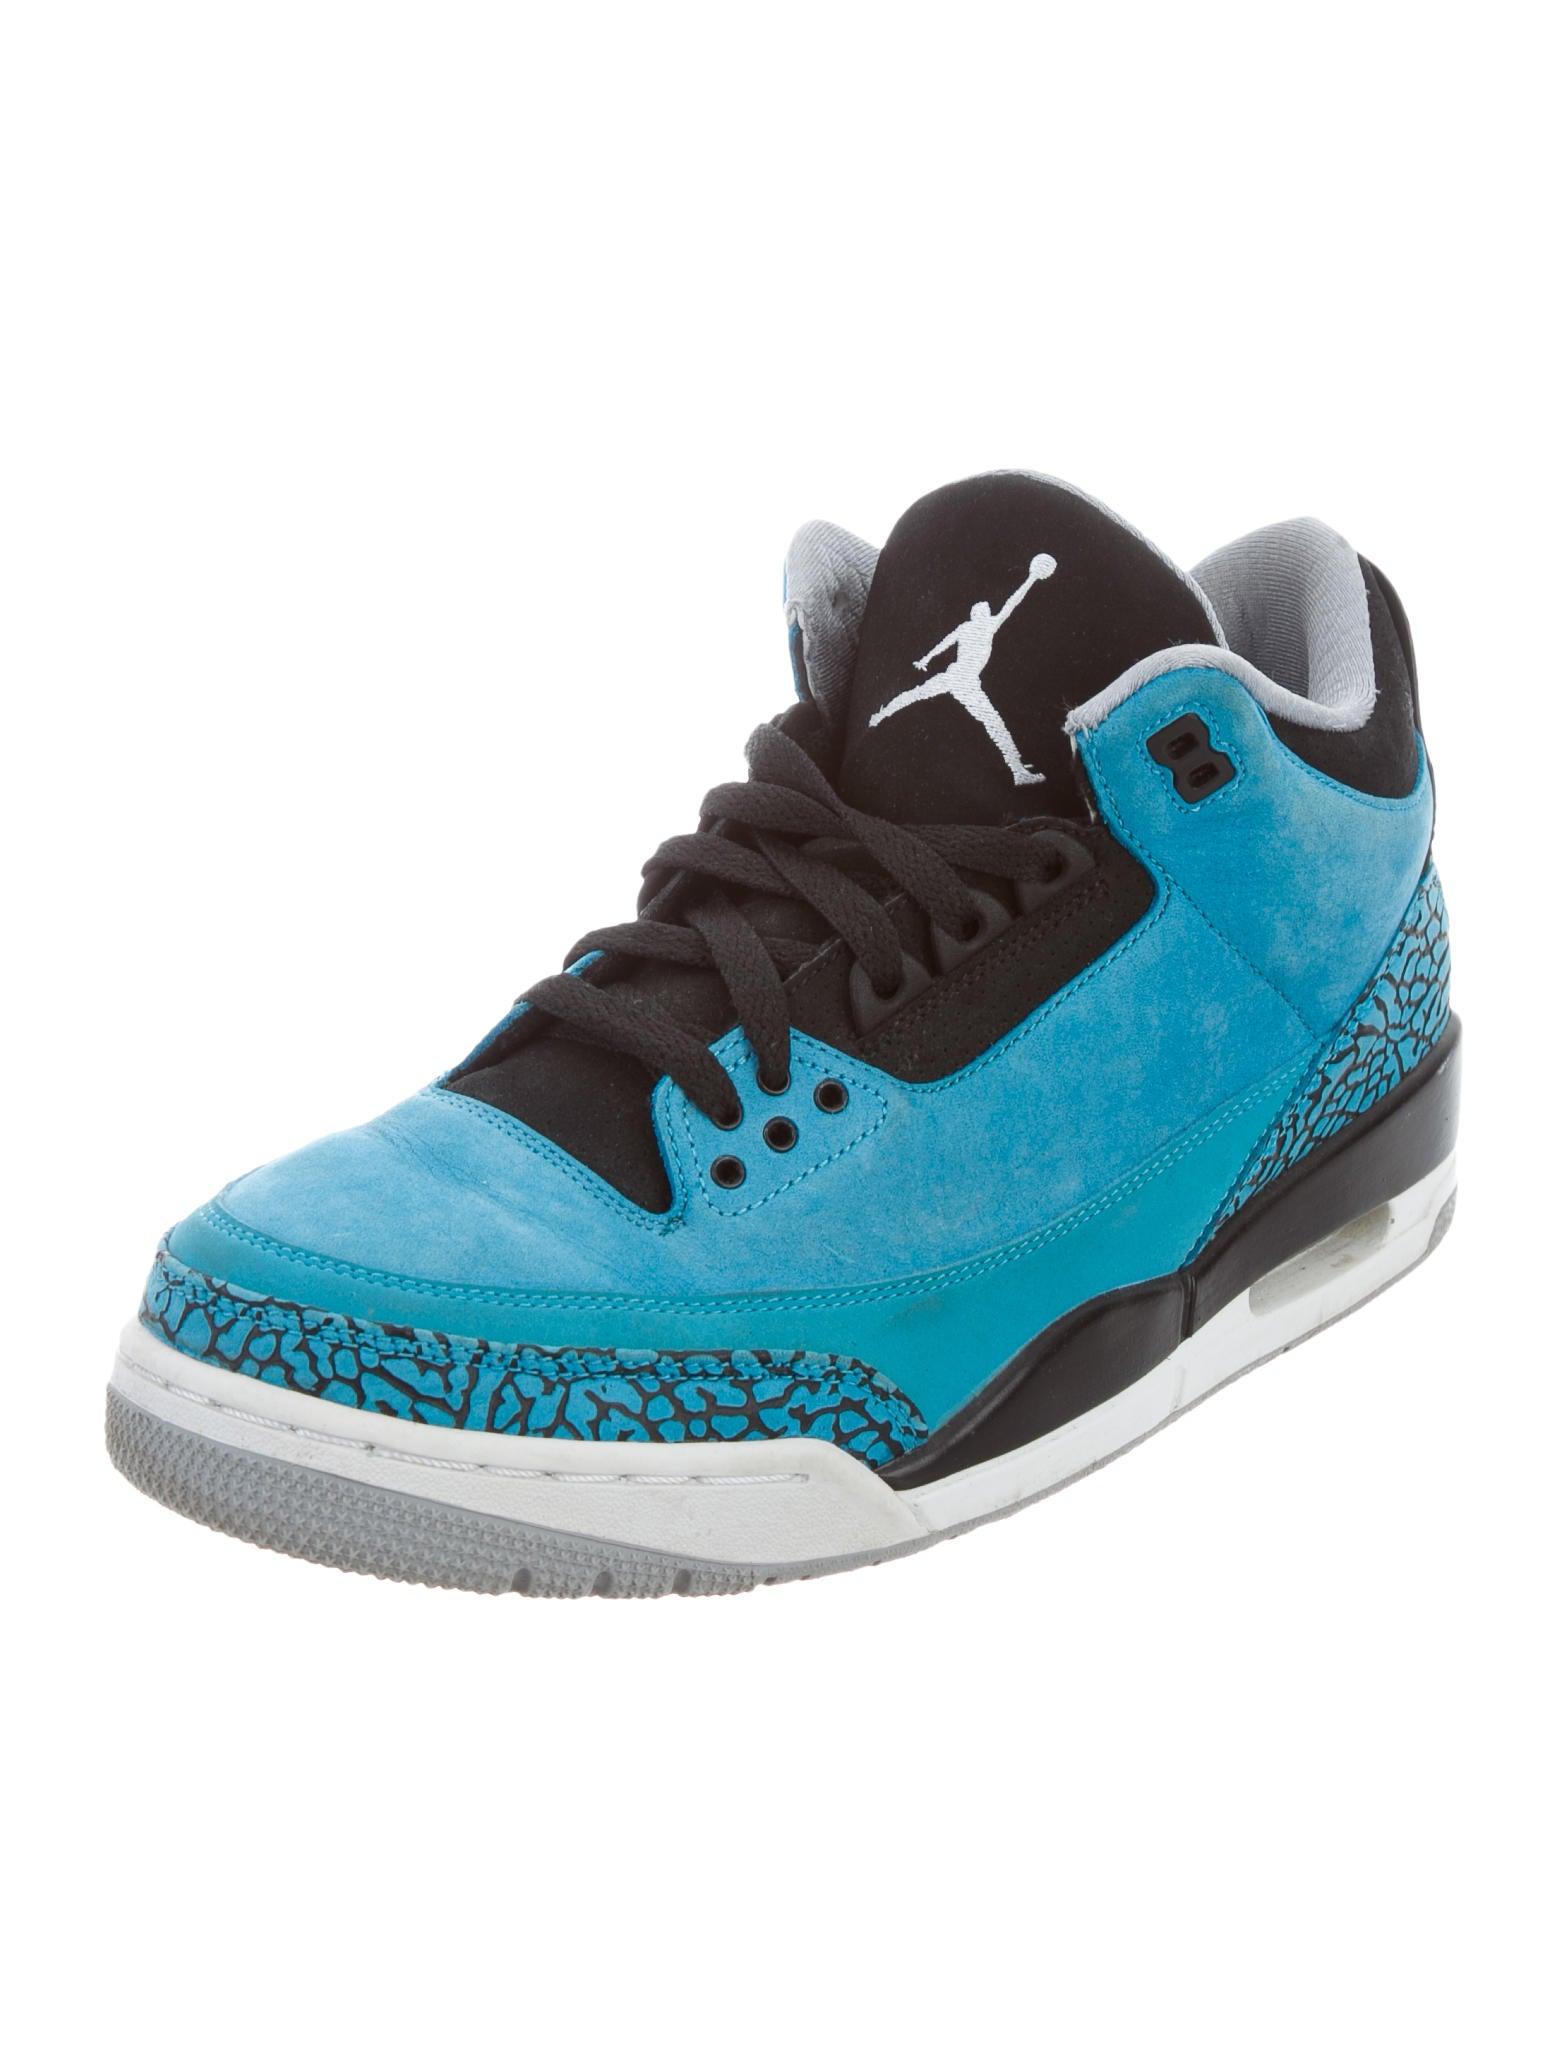 Nike Air Jordan Retro 3 Sneakers Mens Shoes Wniaj20147